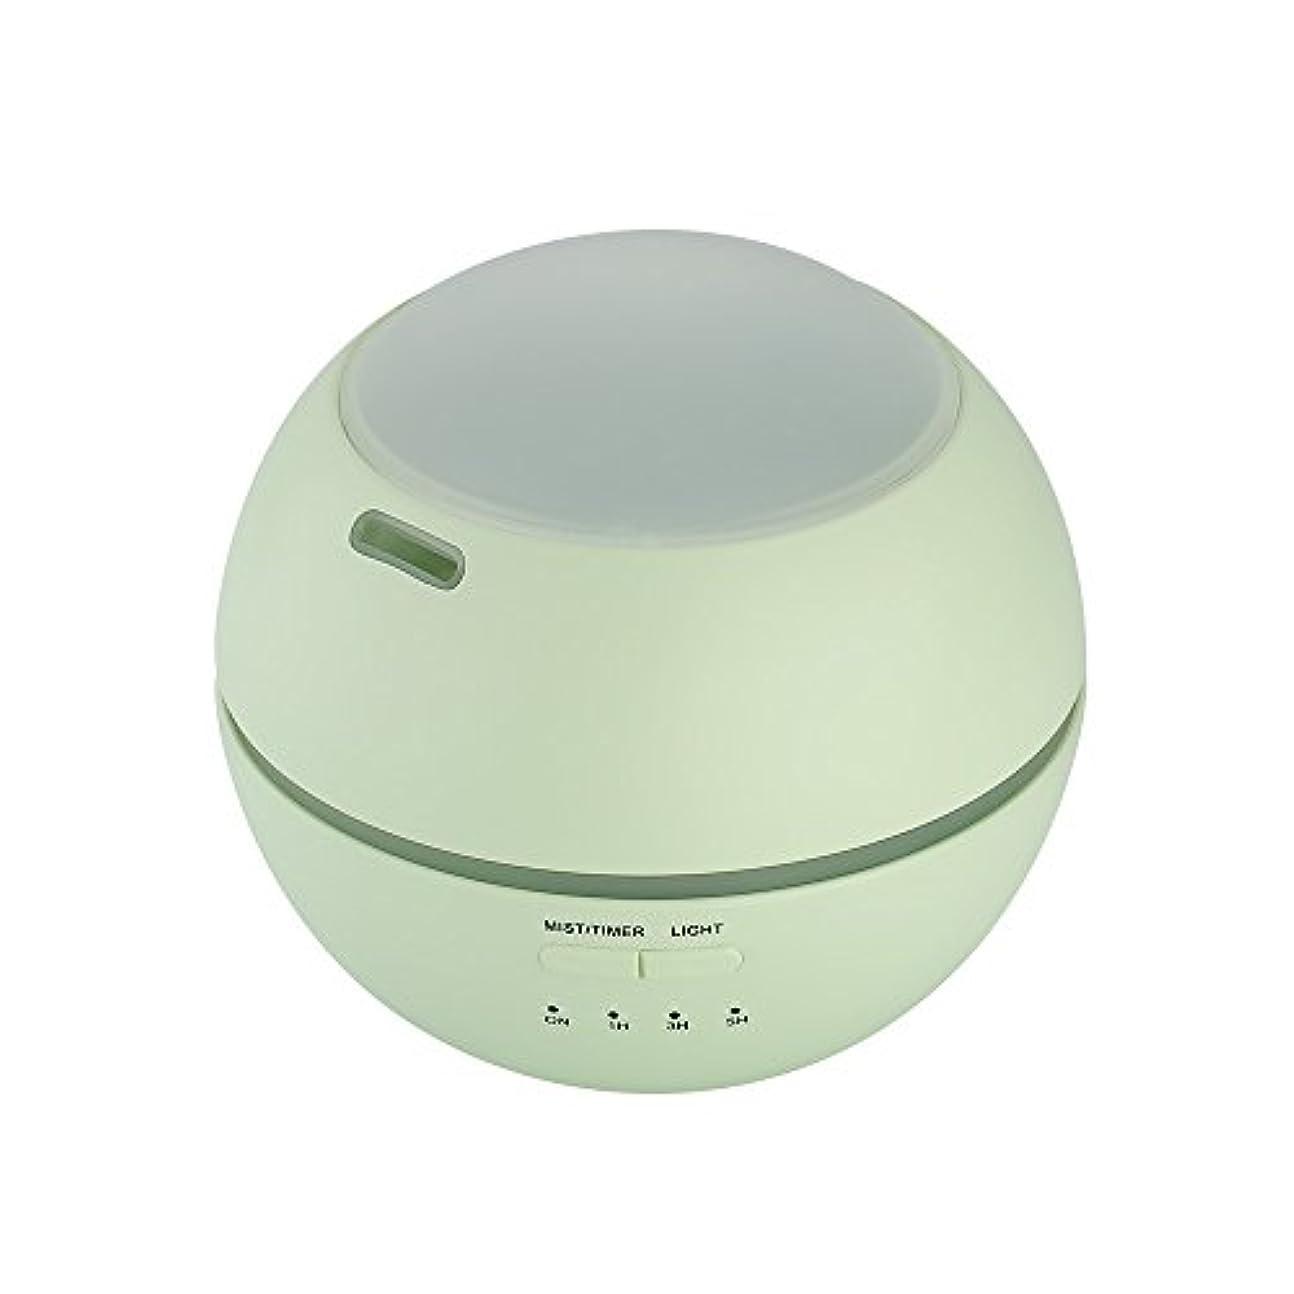 要旨プロトタイプ雄弁家超音波式 アロマディフューザー 卓上 加湿器 8色LEDライト変換 超静音 ミス調整可能 時間設定タイマー機能付き 空焚き防止機能搭載 アロマ加湿器 150mL by smartlife (グリーン)